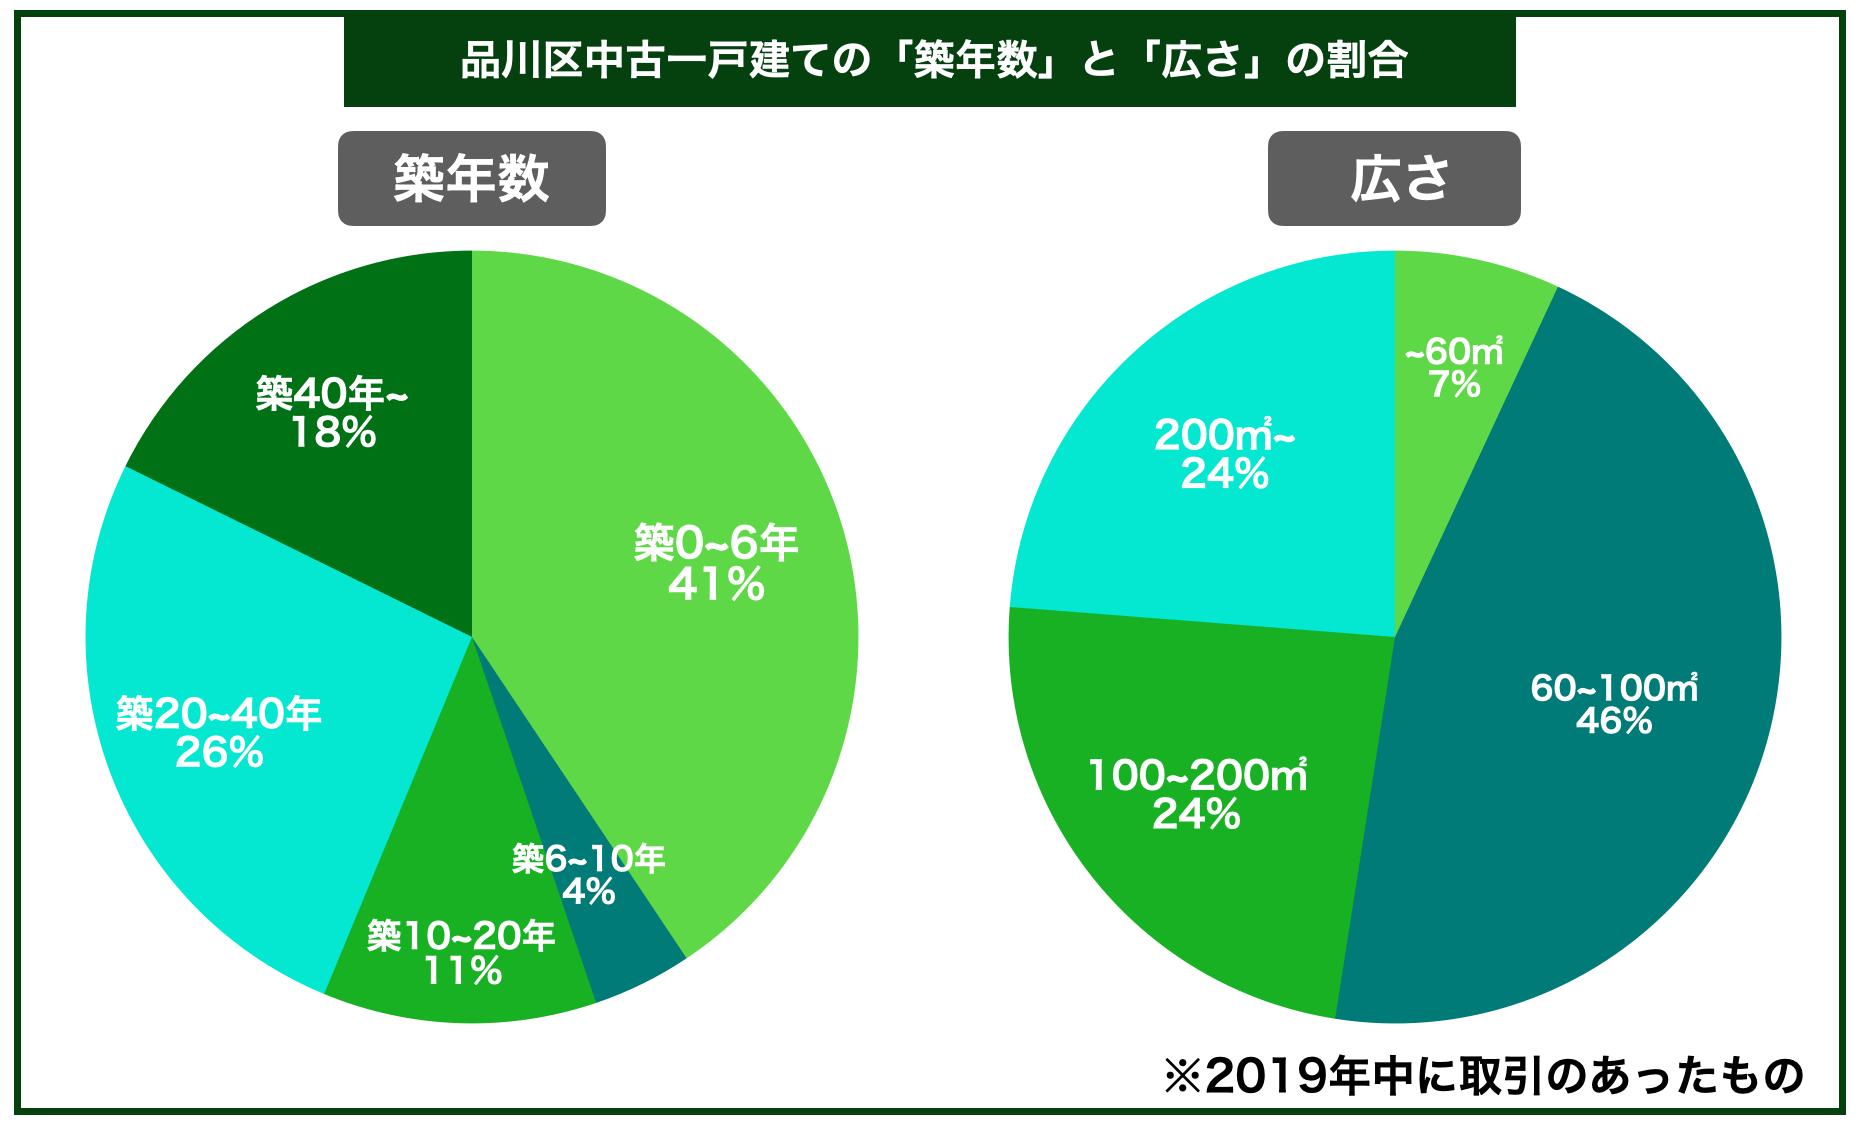 品川区中古一戸建ての平均築年数と広さの割合